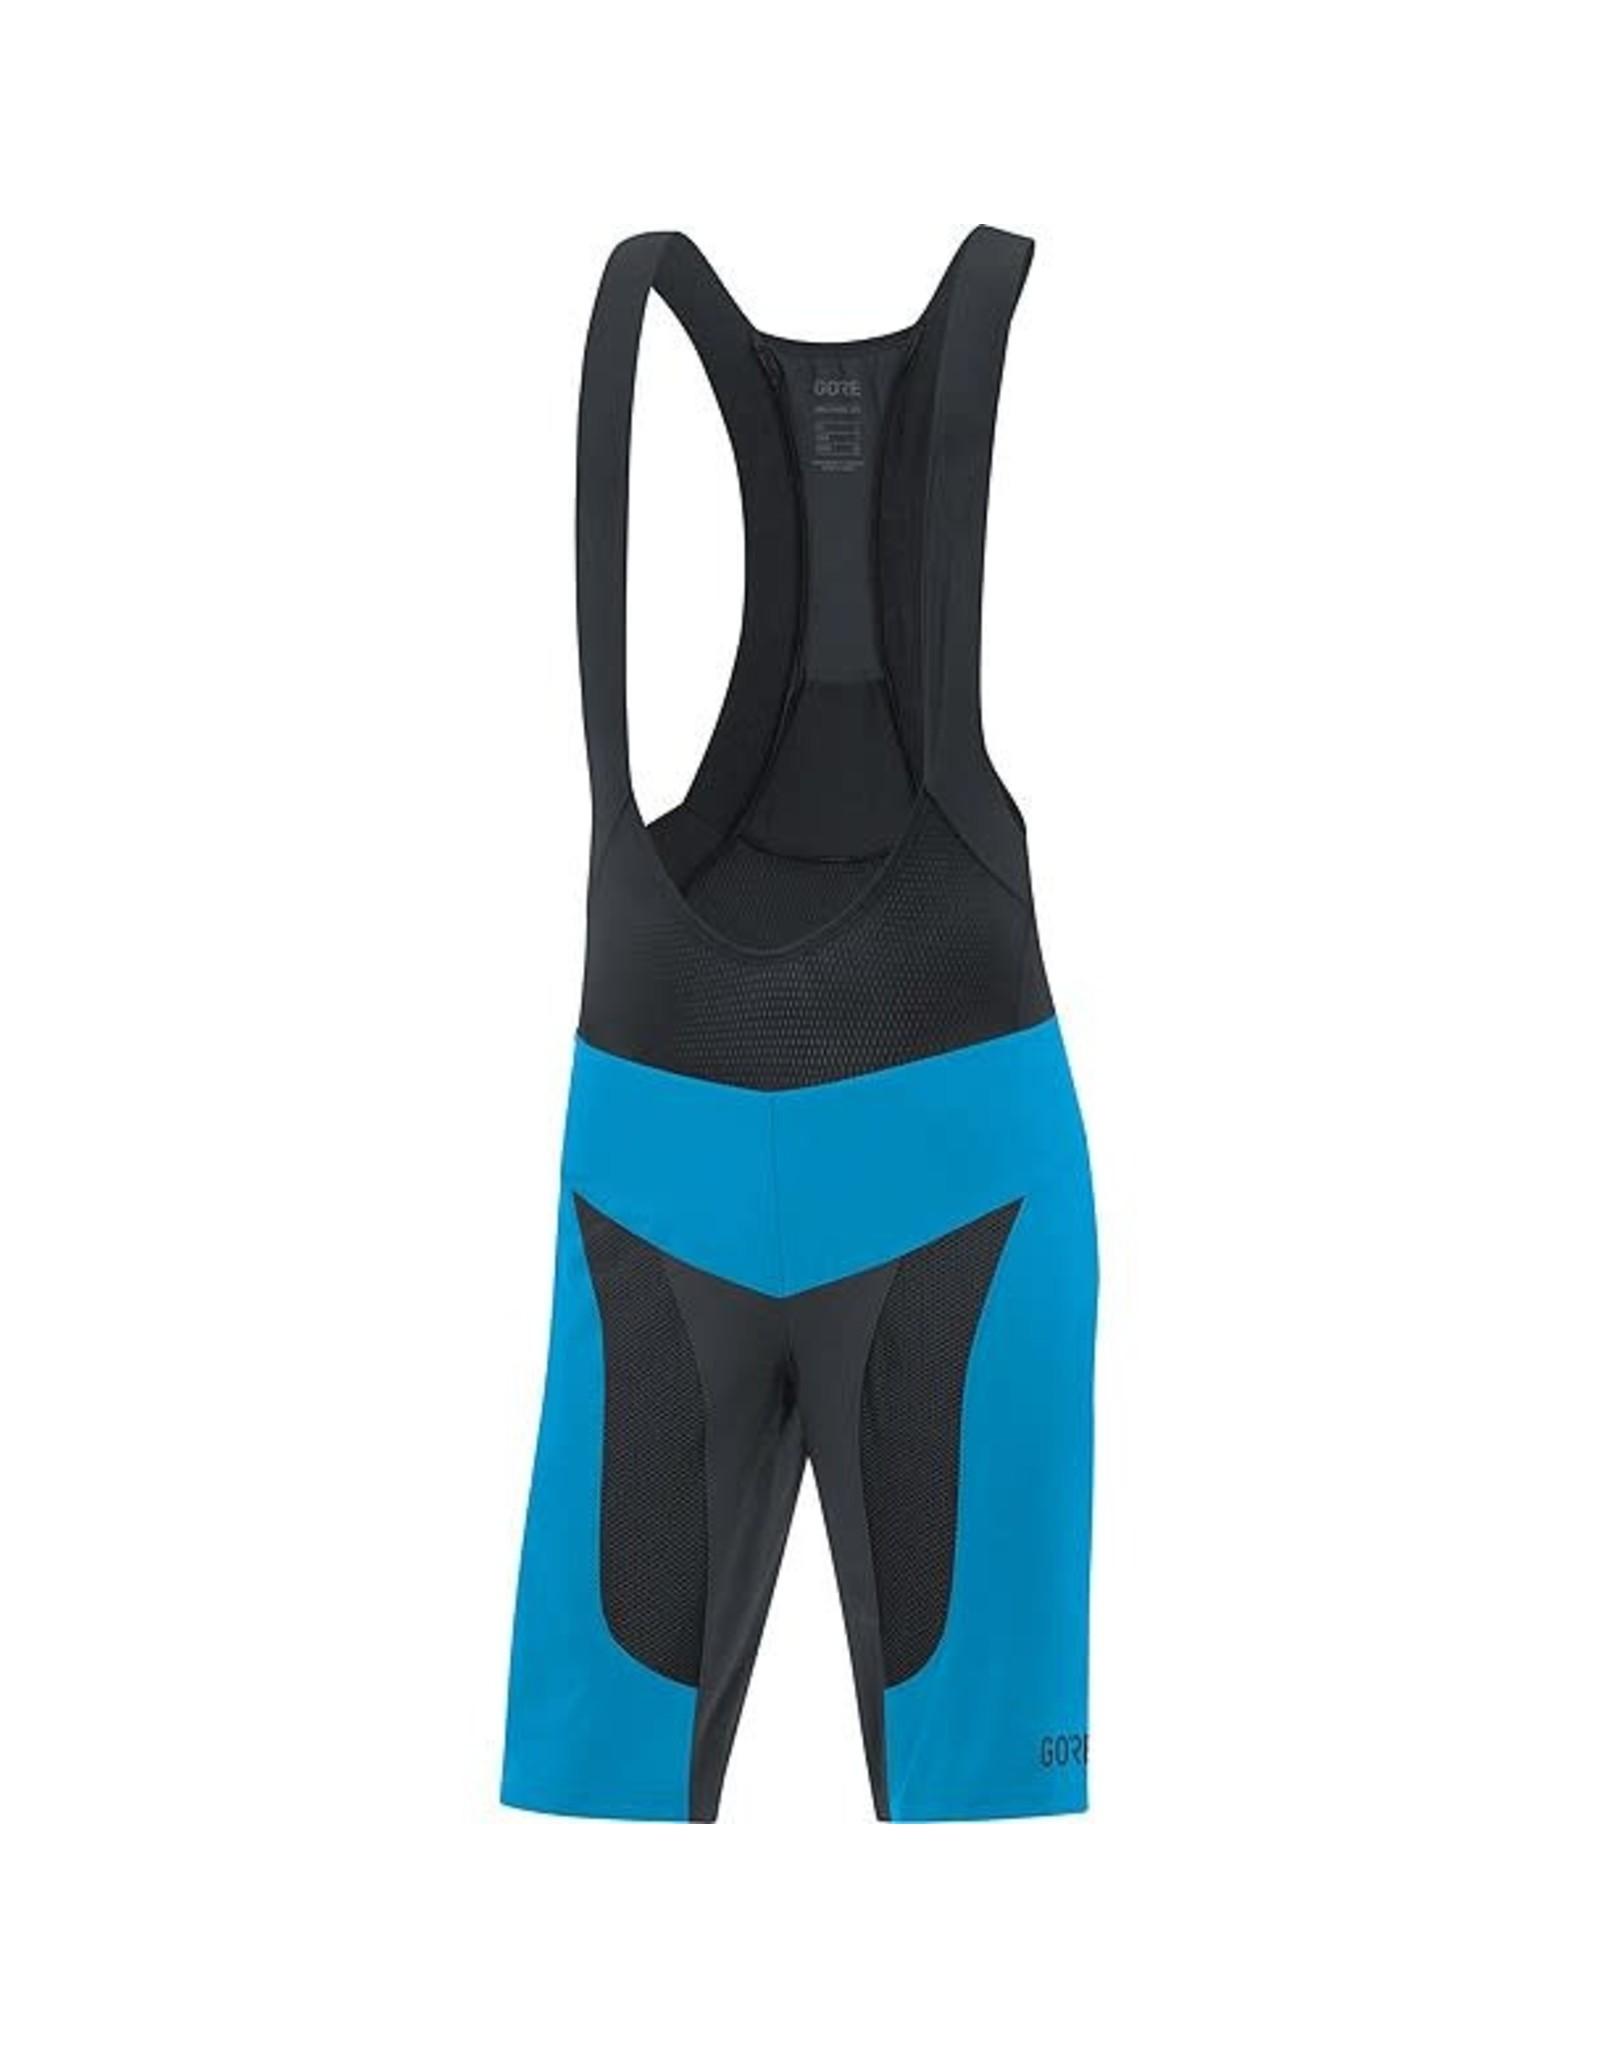 GORE Wear GORE C7 Pro 2in1 Bib Shorts+ cyan/black S